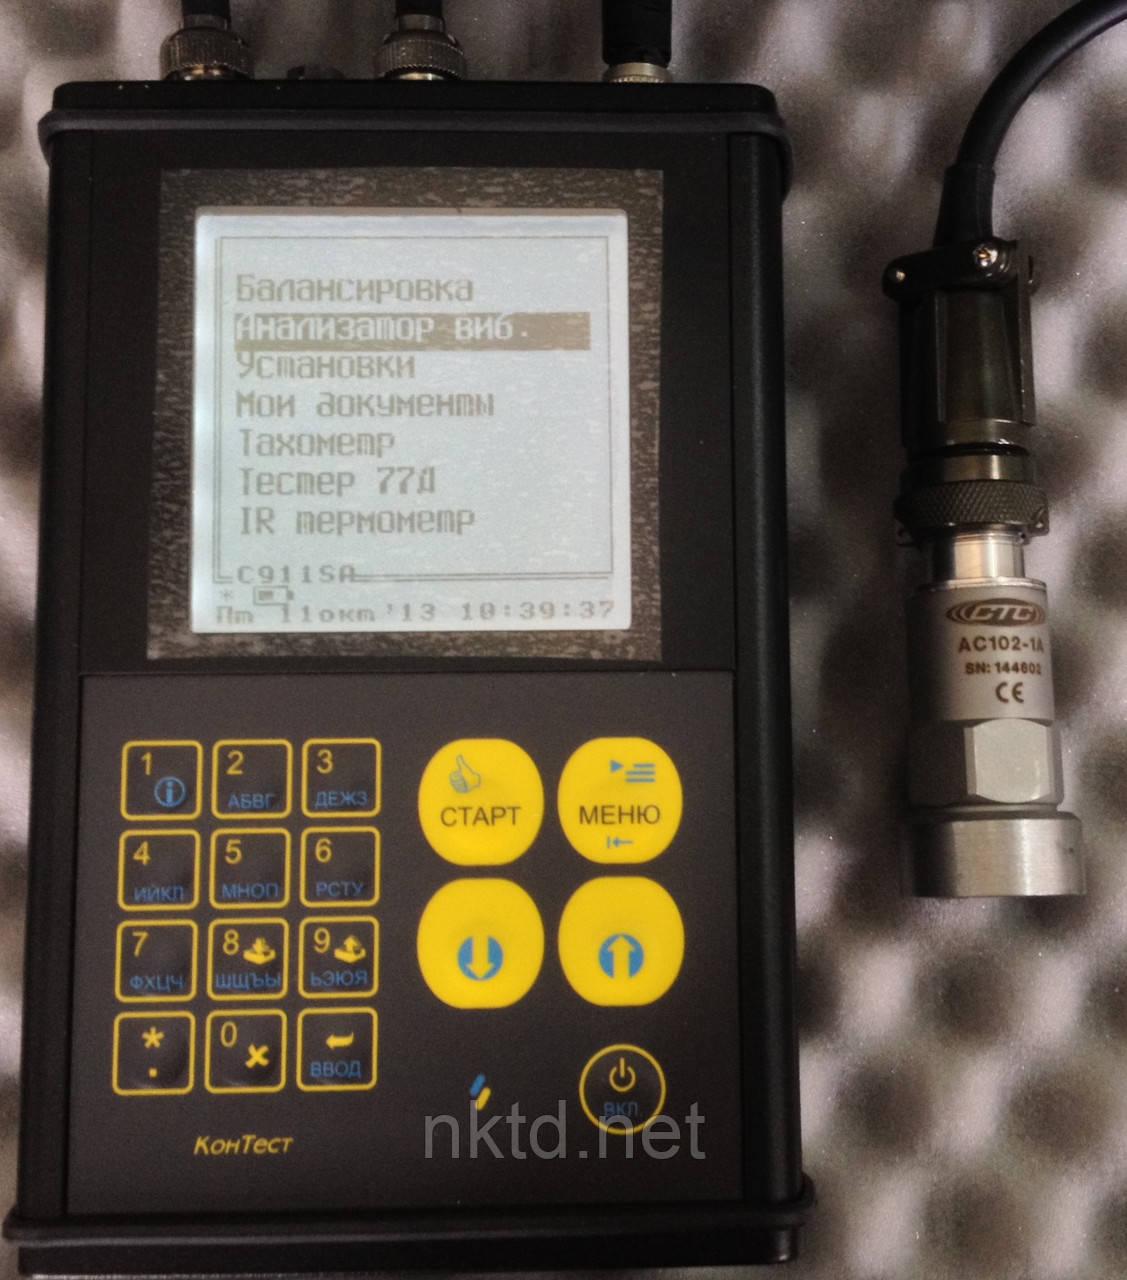 Виброметр анализатор спектра вибрации 7МС911 (795C911) одноканальный